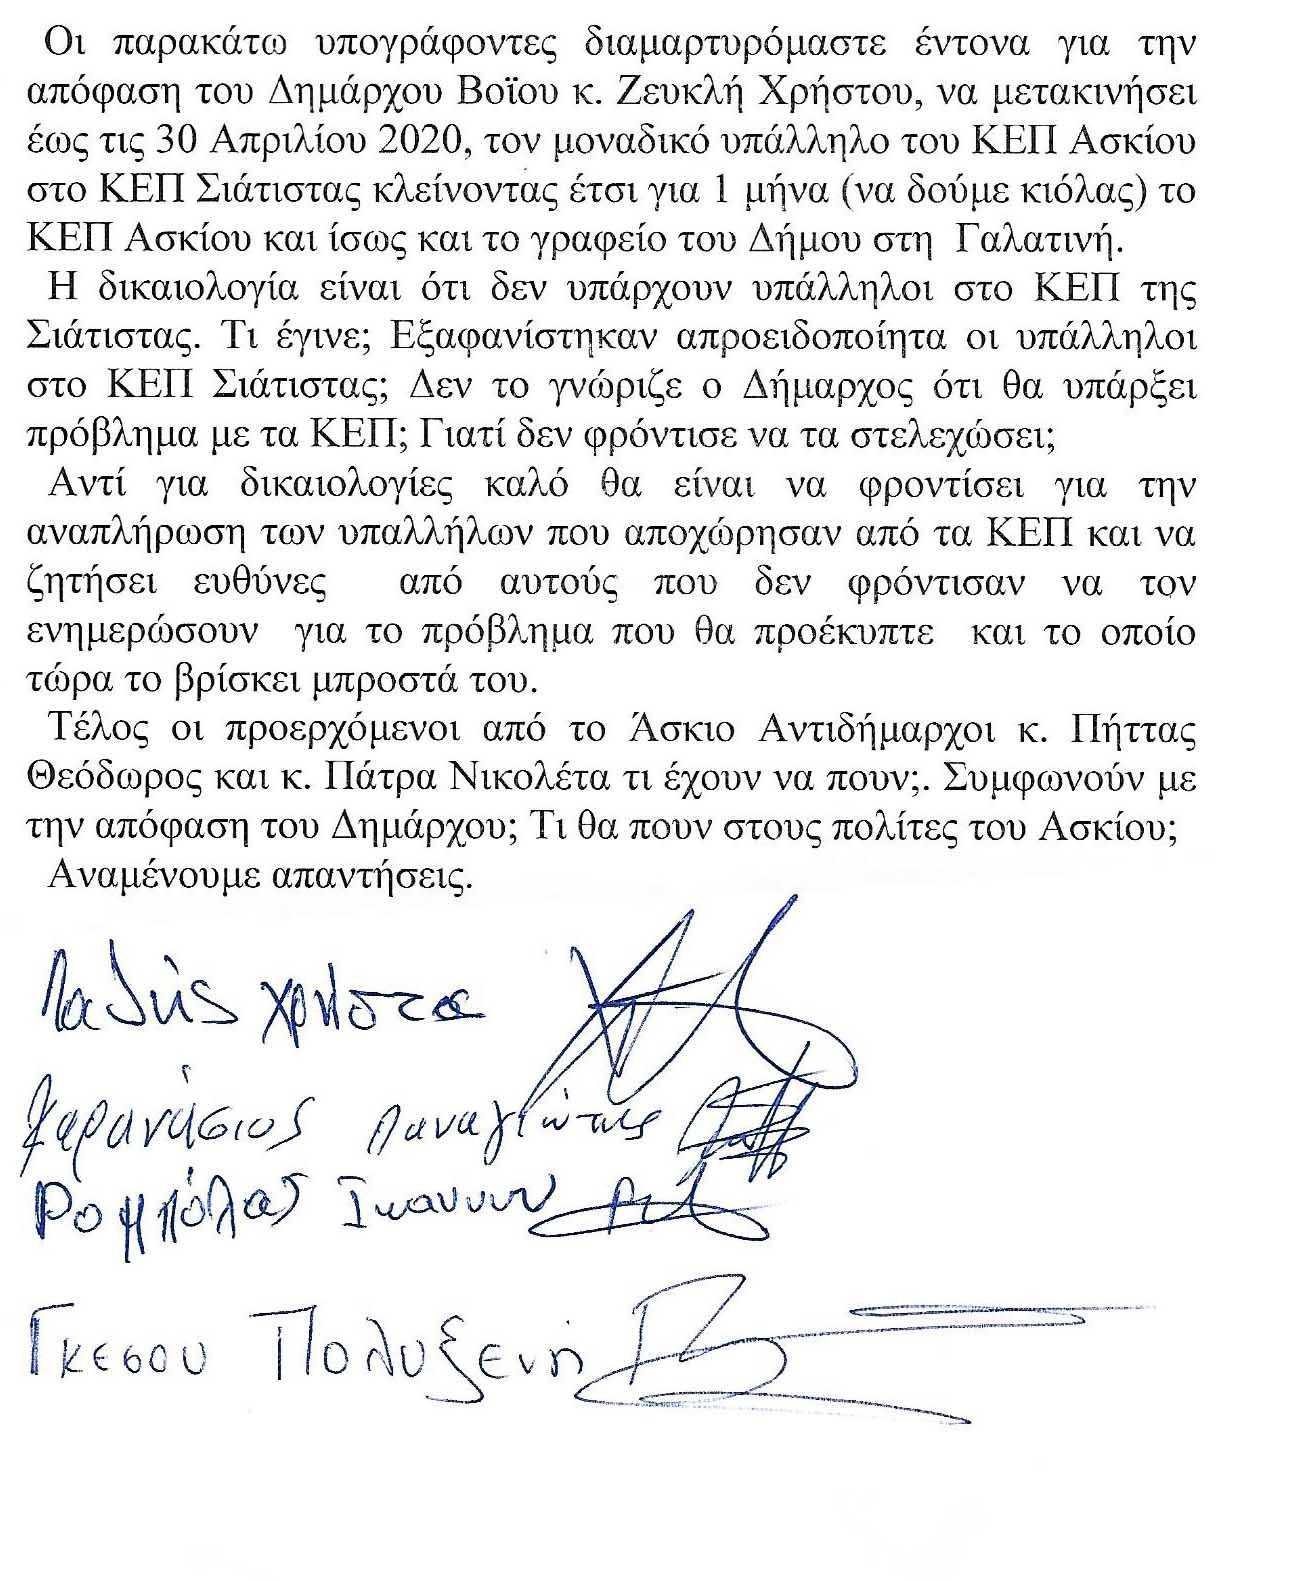 Επιστολή Διαμαρτυρίας για απόφαση του δημάρχοου Βοϊου Χρ. Ζευκλή για μετακίνηση υπαλλήλου του ΚΕΠ Ασκίου στο ΚΕΠ Σιάτιστας